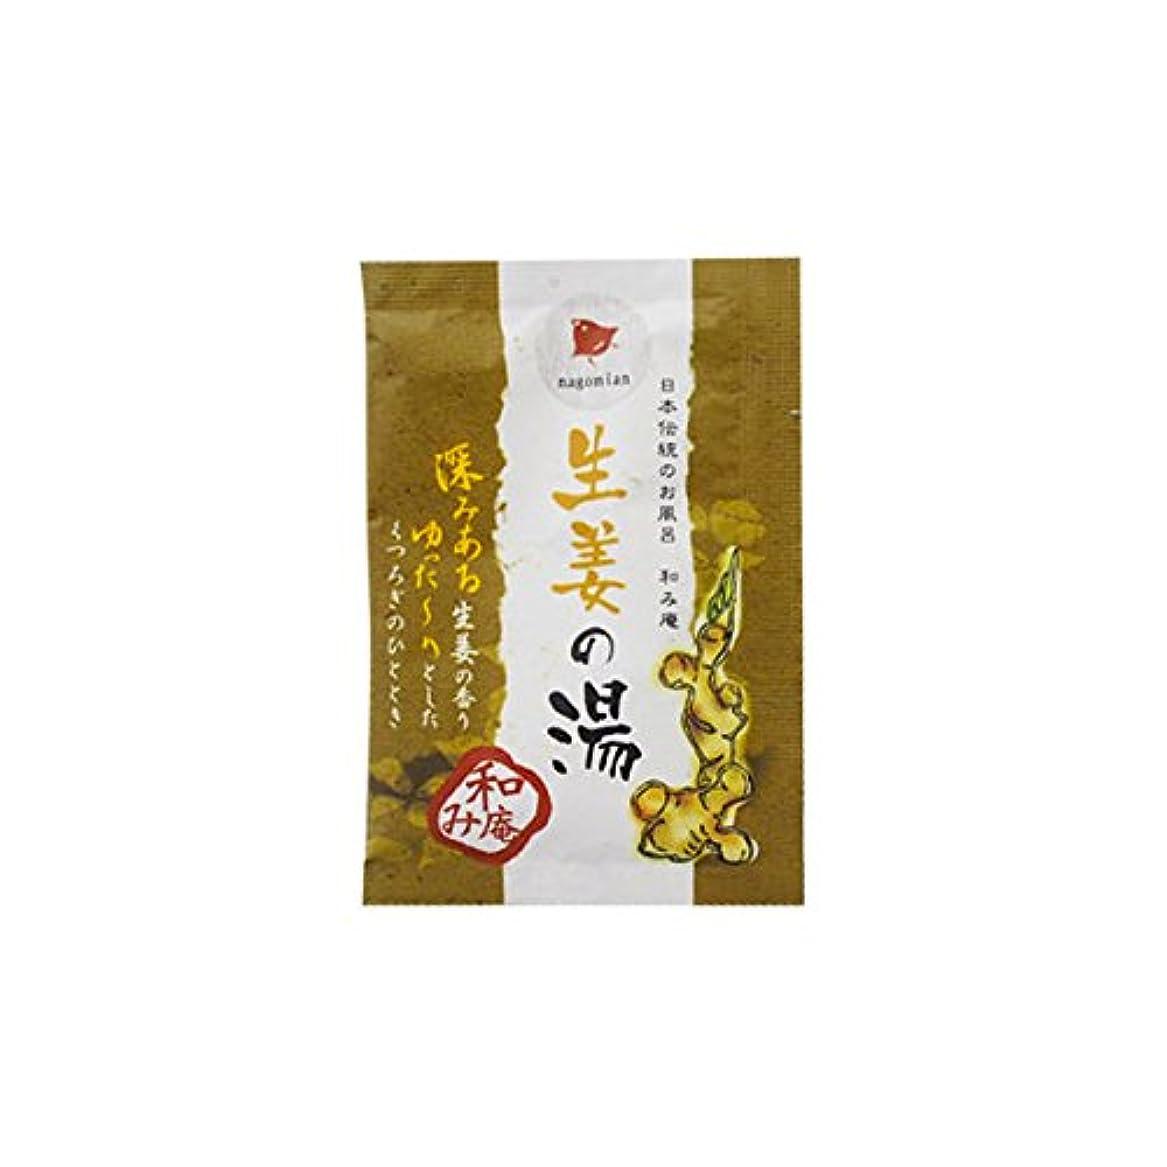 上昇クレジット対応和み庵 入浴剤 「生姜の湯」30個